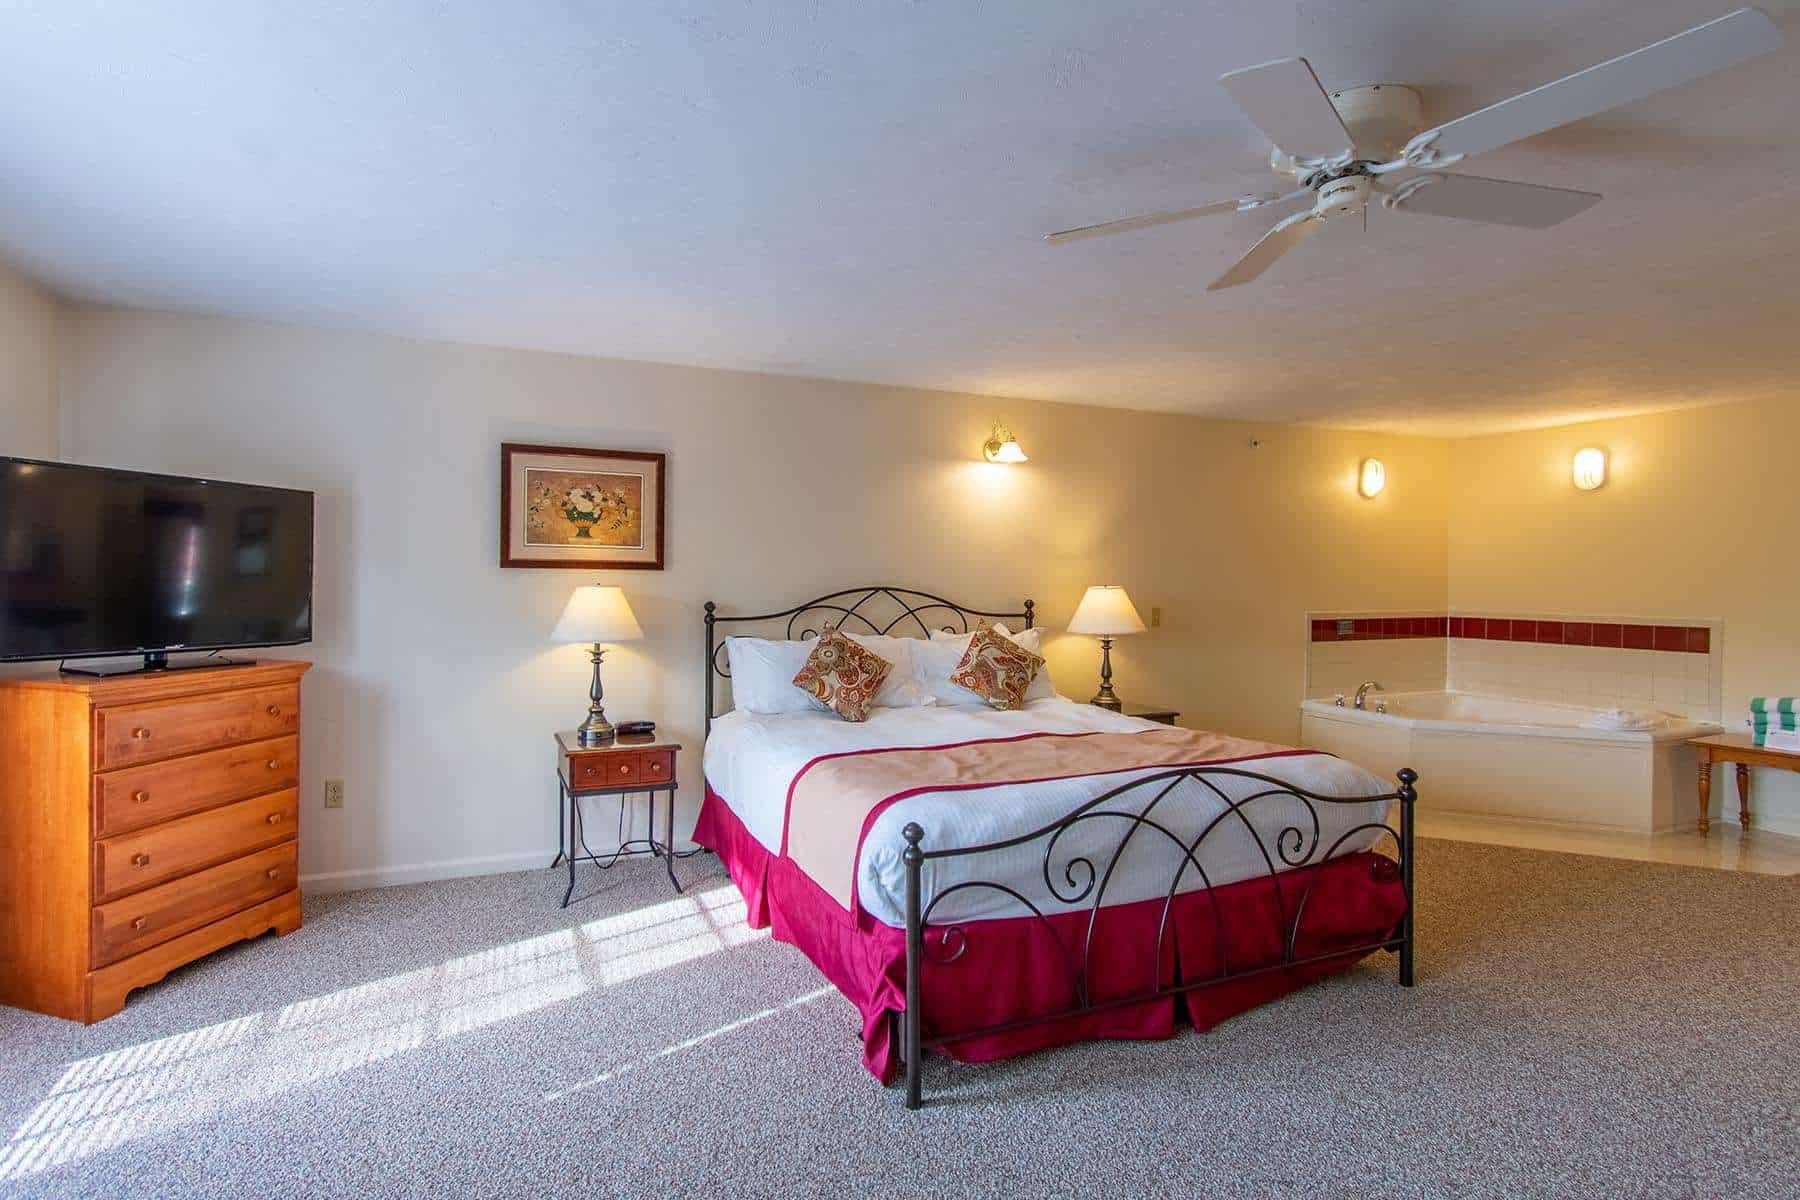 Deluxe 1 Bedroom ECSDH